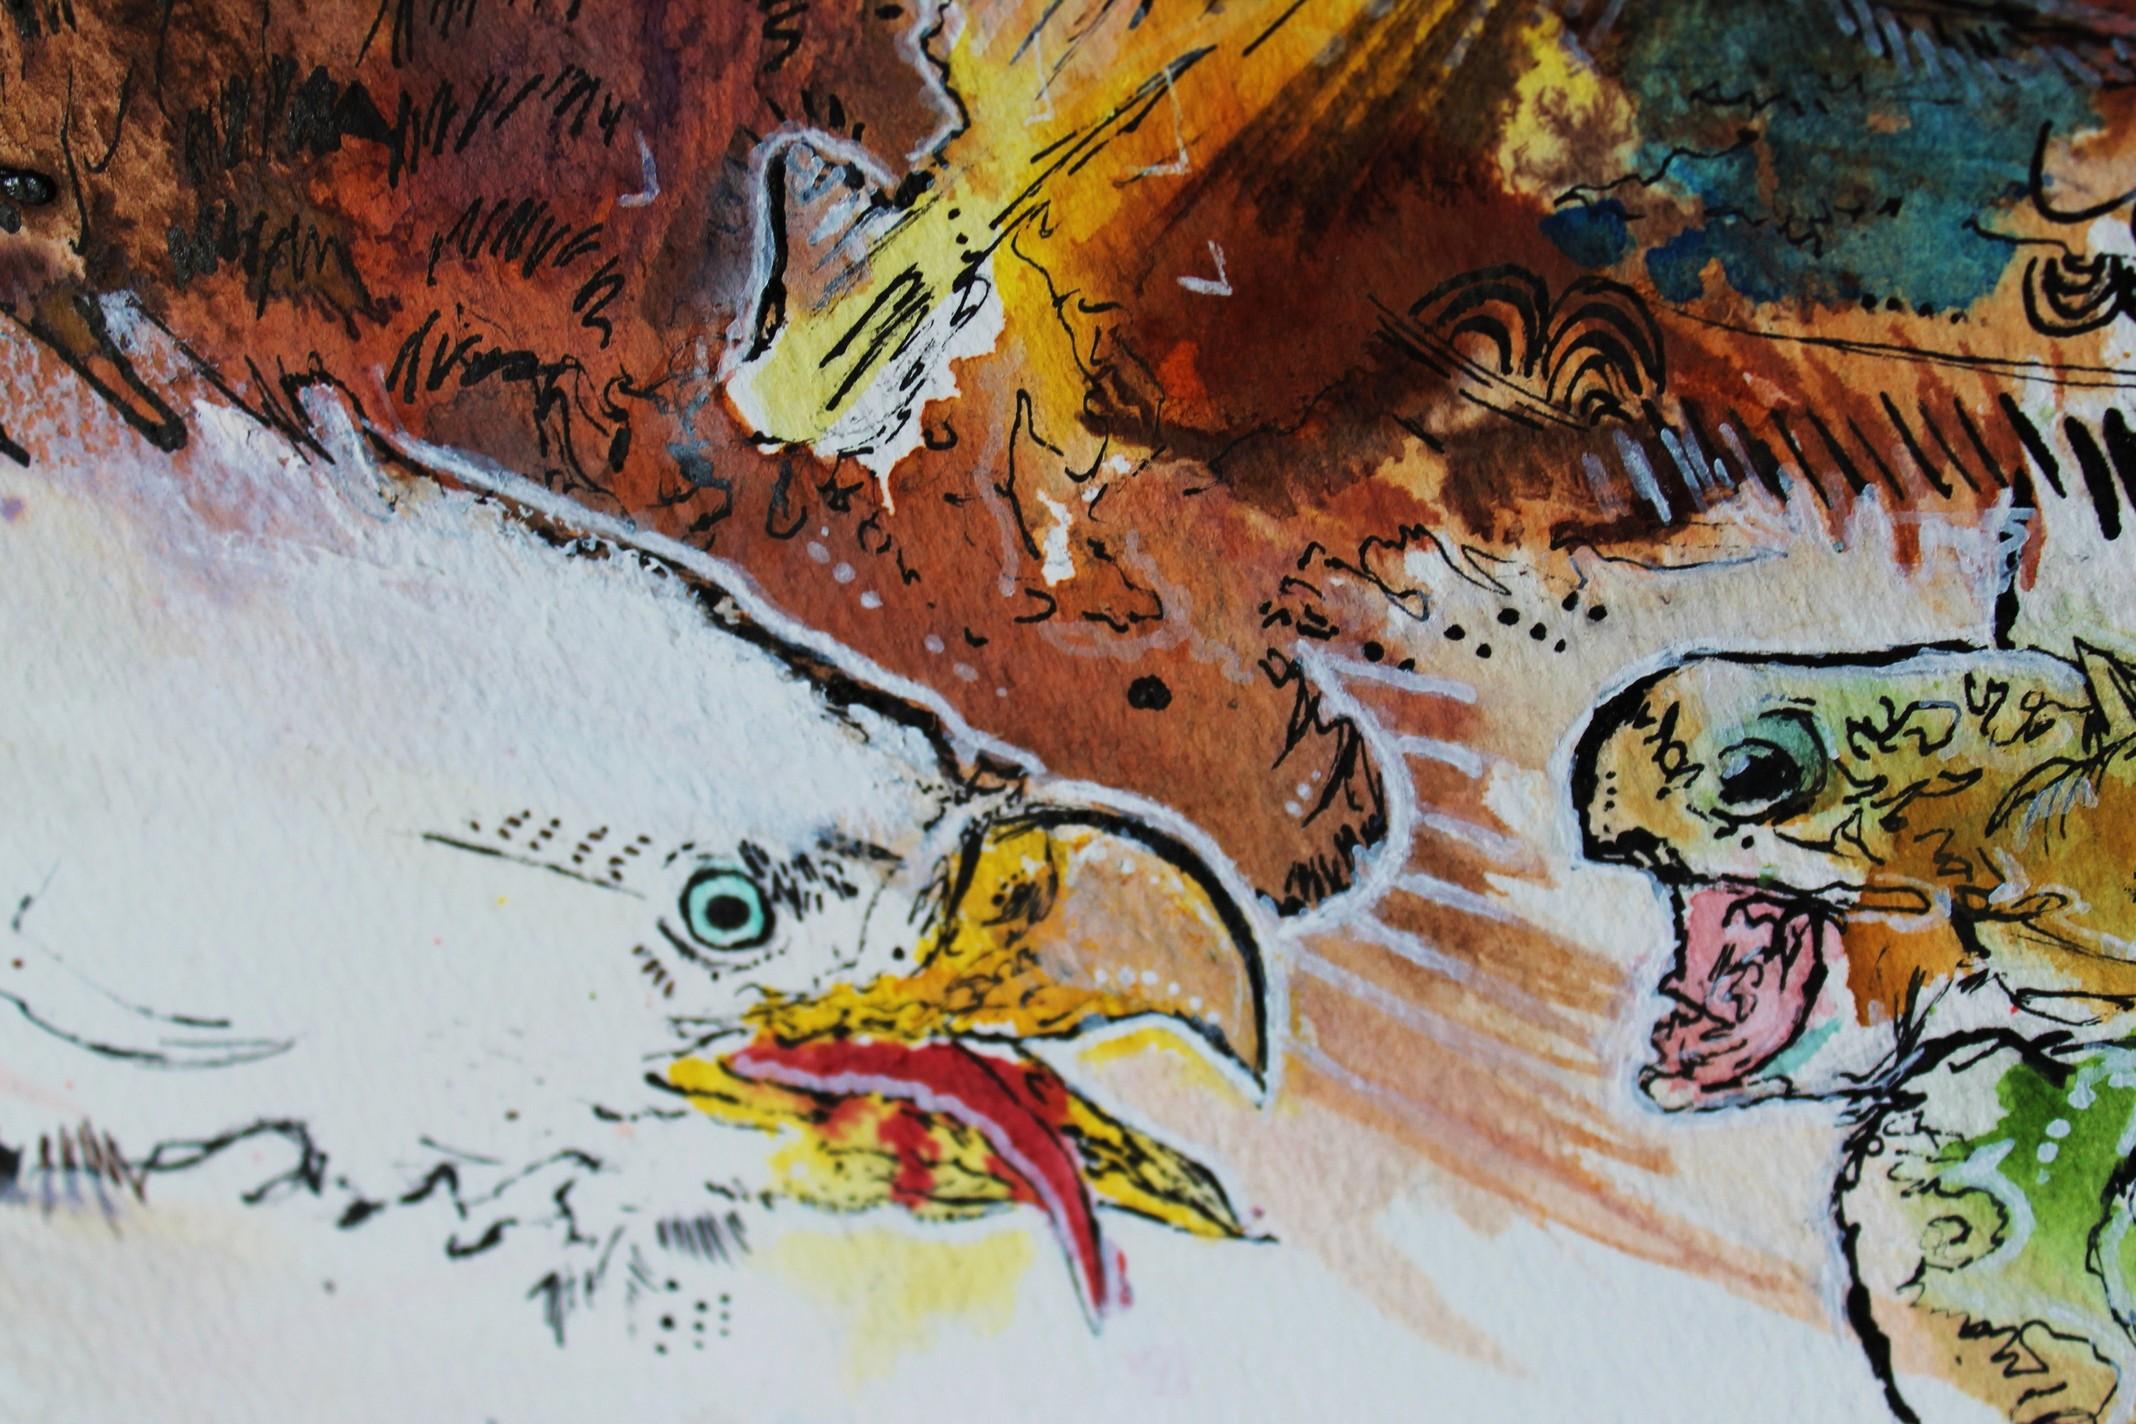 tortoise-eagle-detail4.jpg.JPG